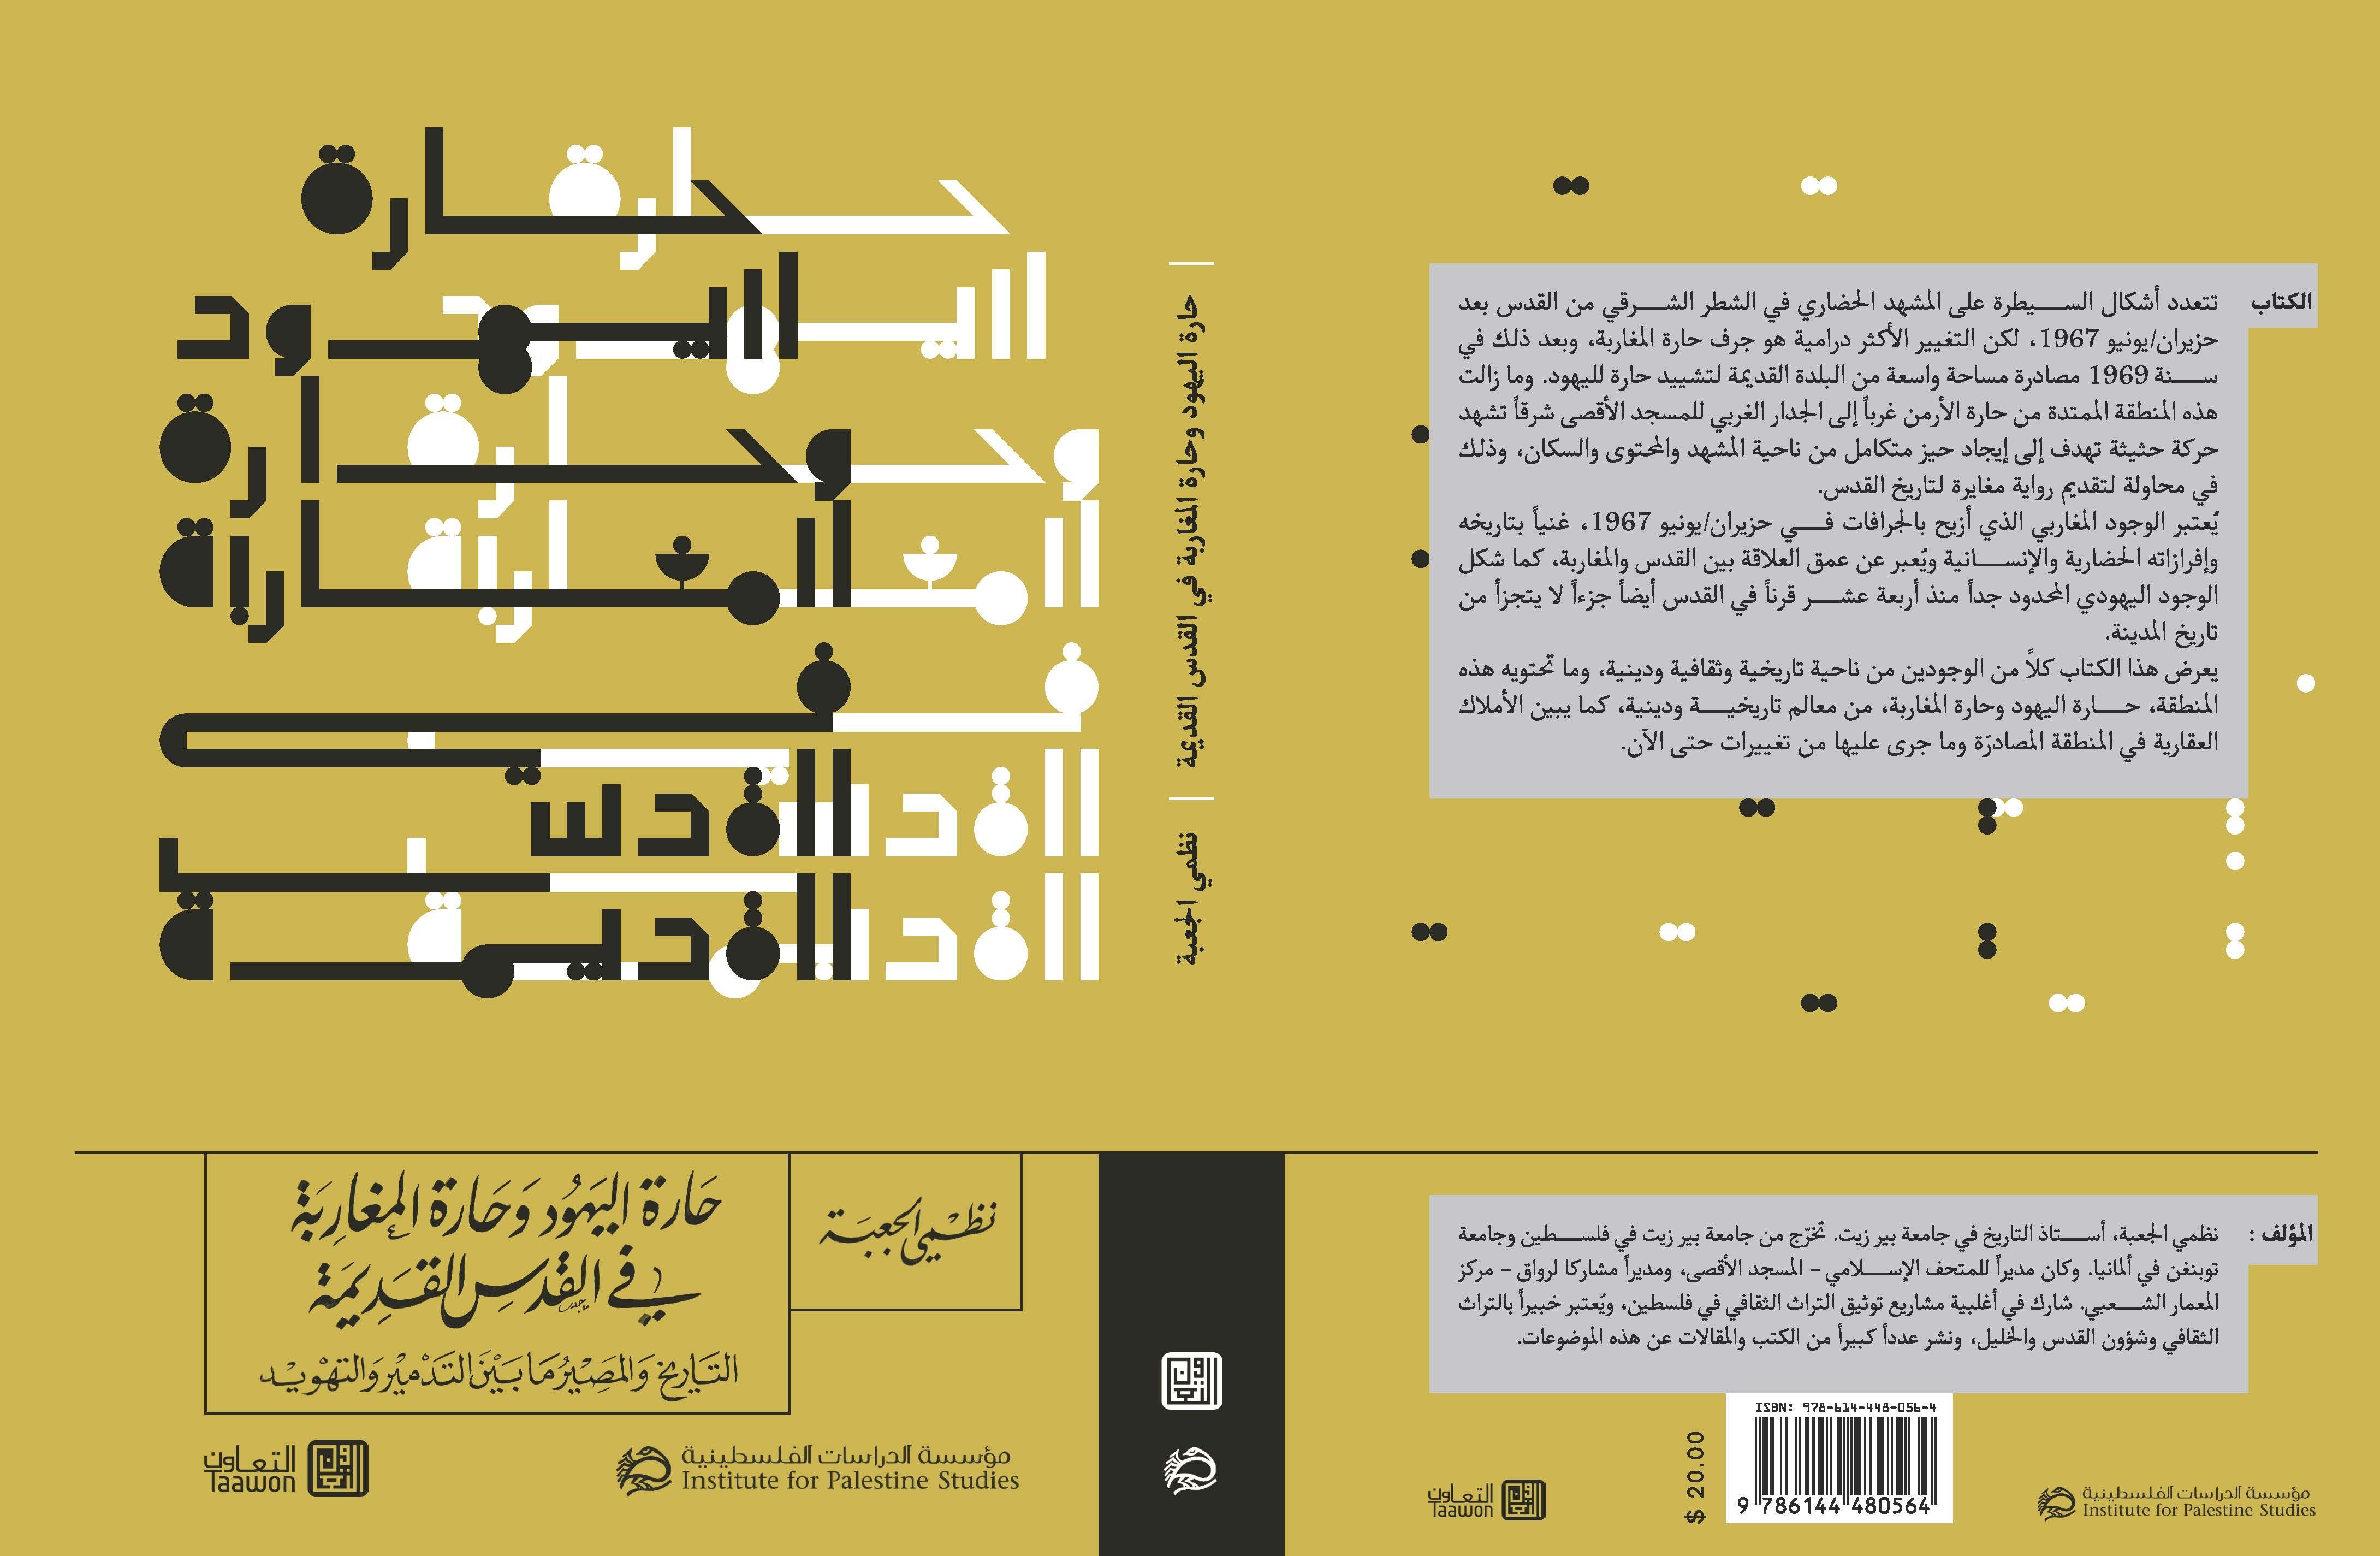 حارة اليهود - غلاف الكتاب.jpg